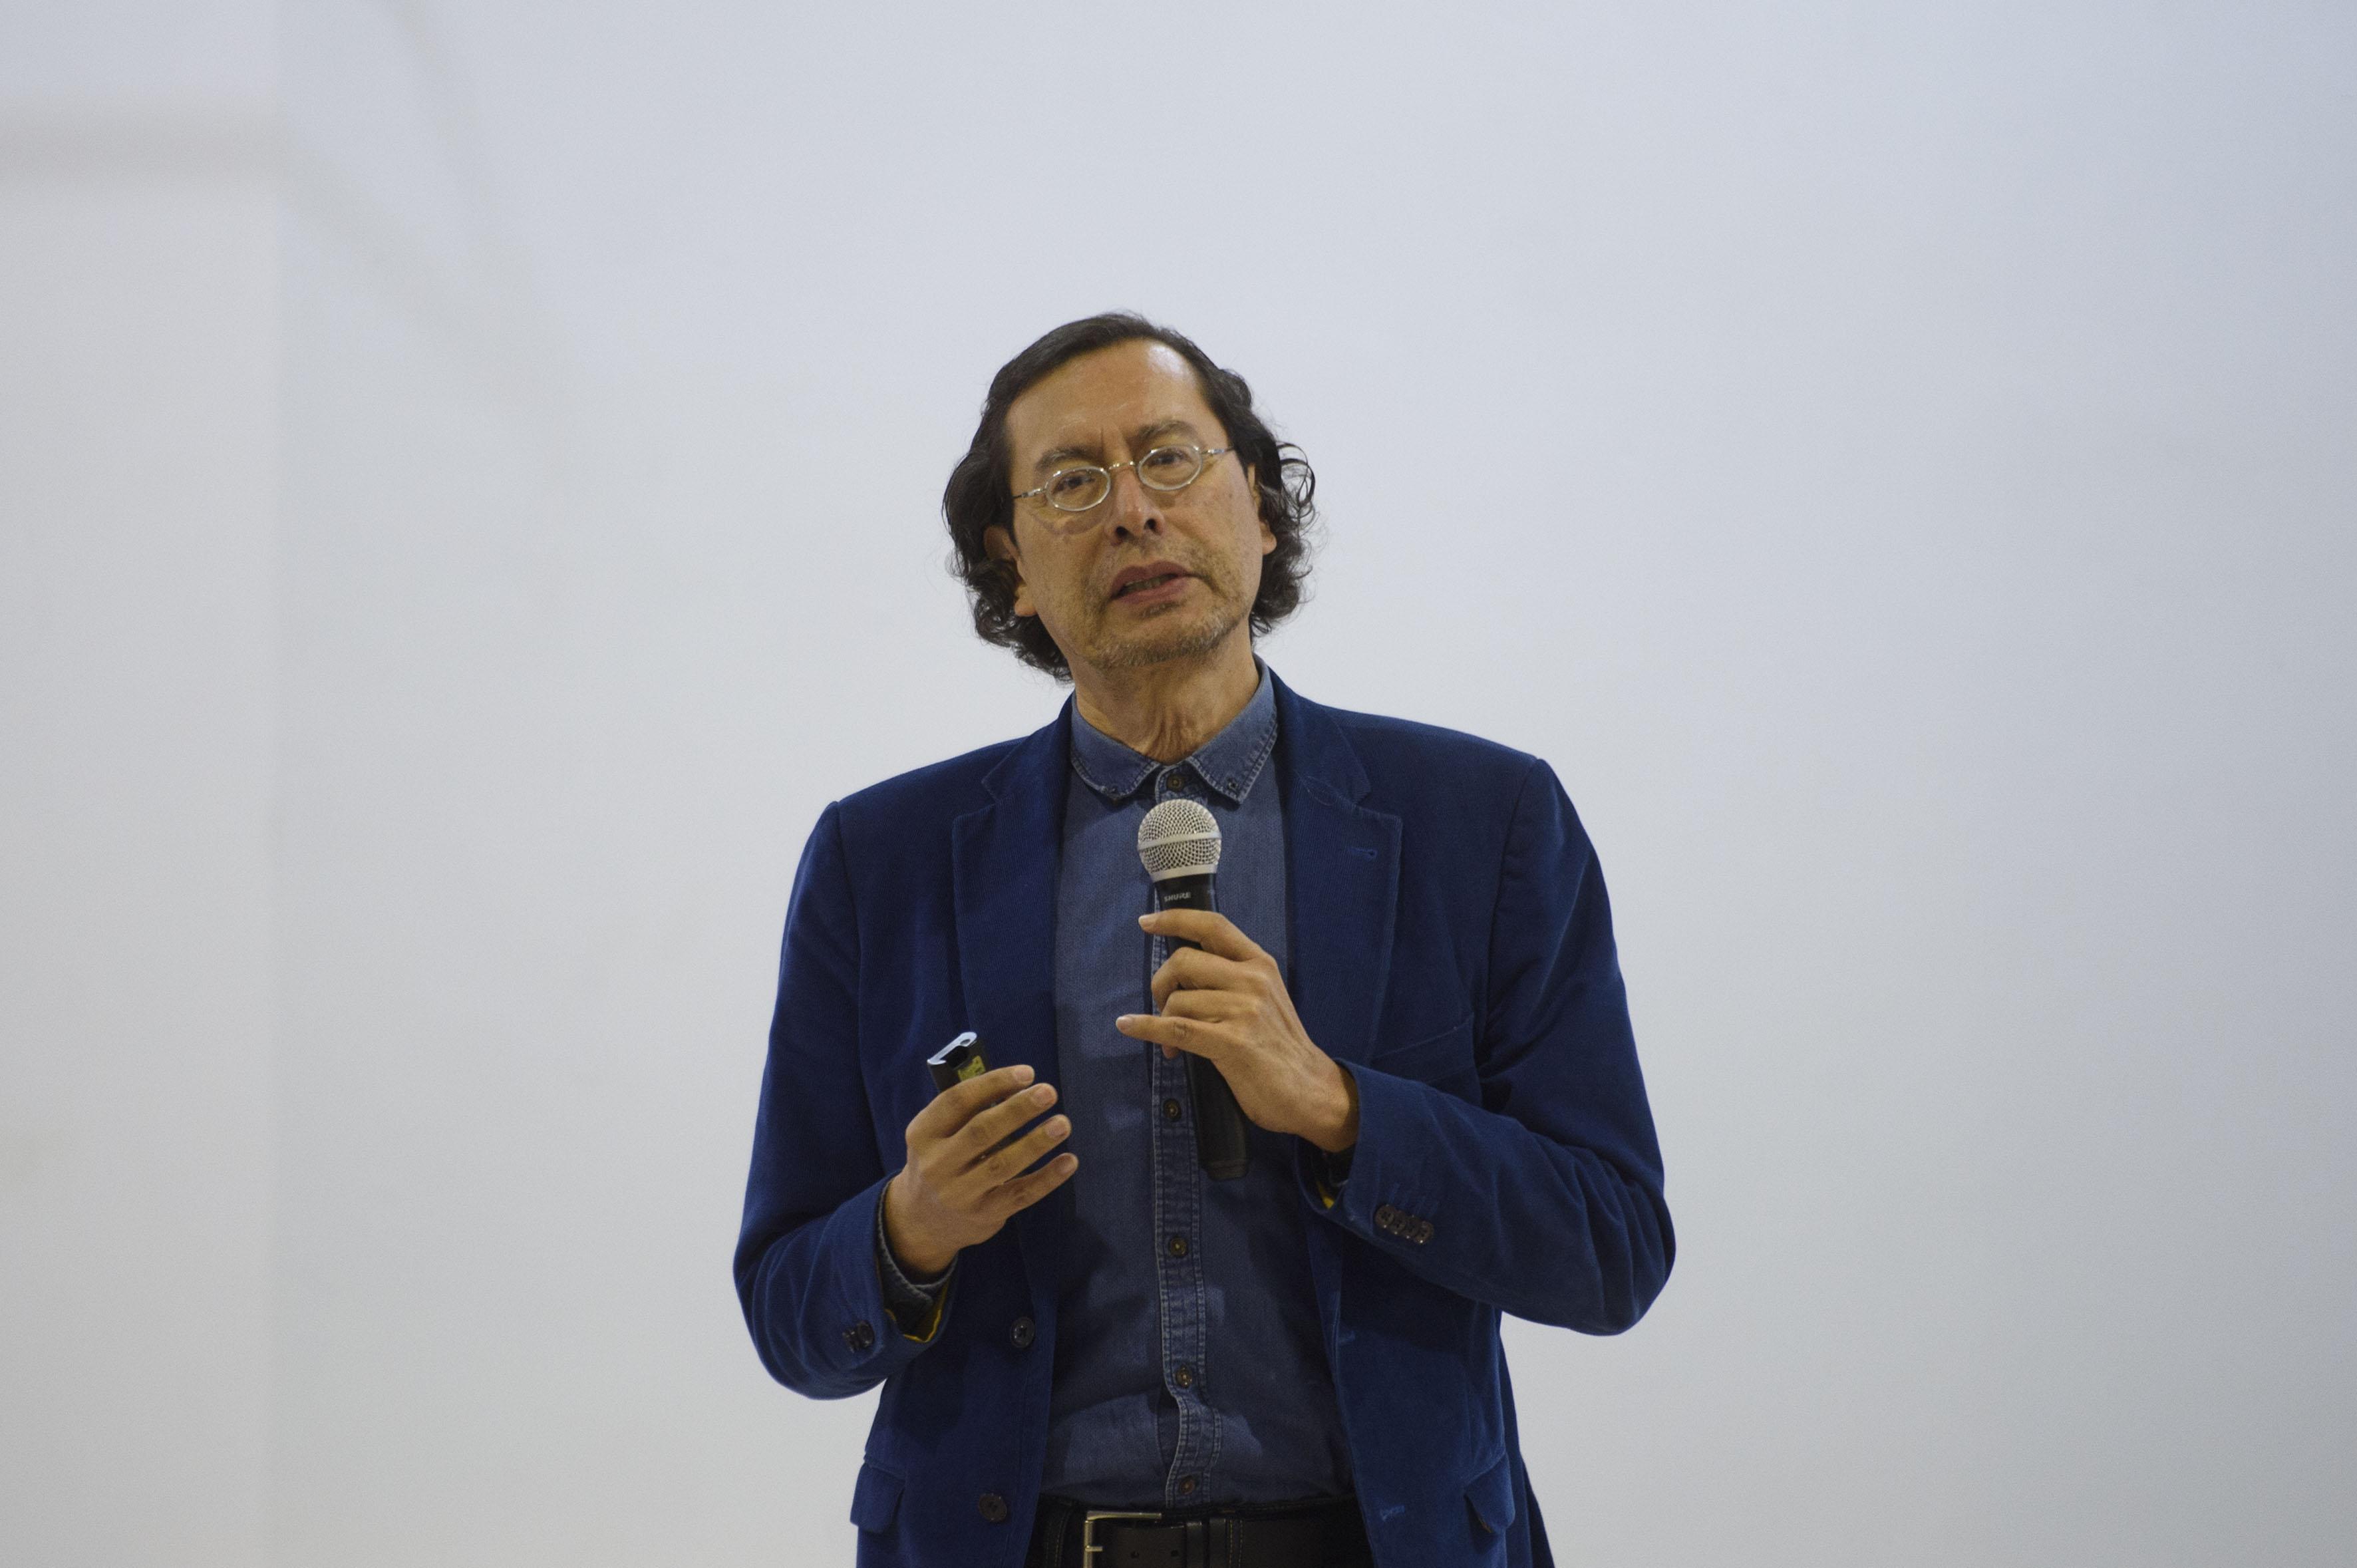 director del Instituto de Medio Ambiente y Comunidades Humanas de la Universidad de Guadalajara (UdeG), doctor Arturo Curiel Ballesteros, haciendo uso de la palabra